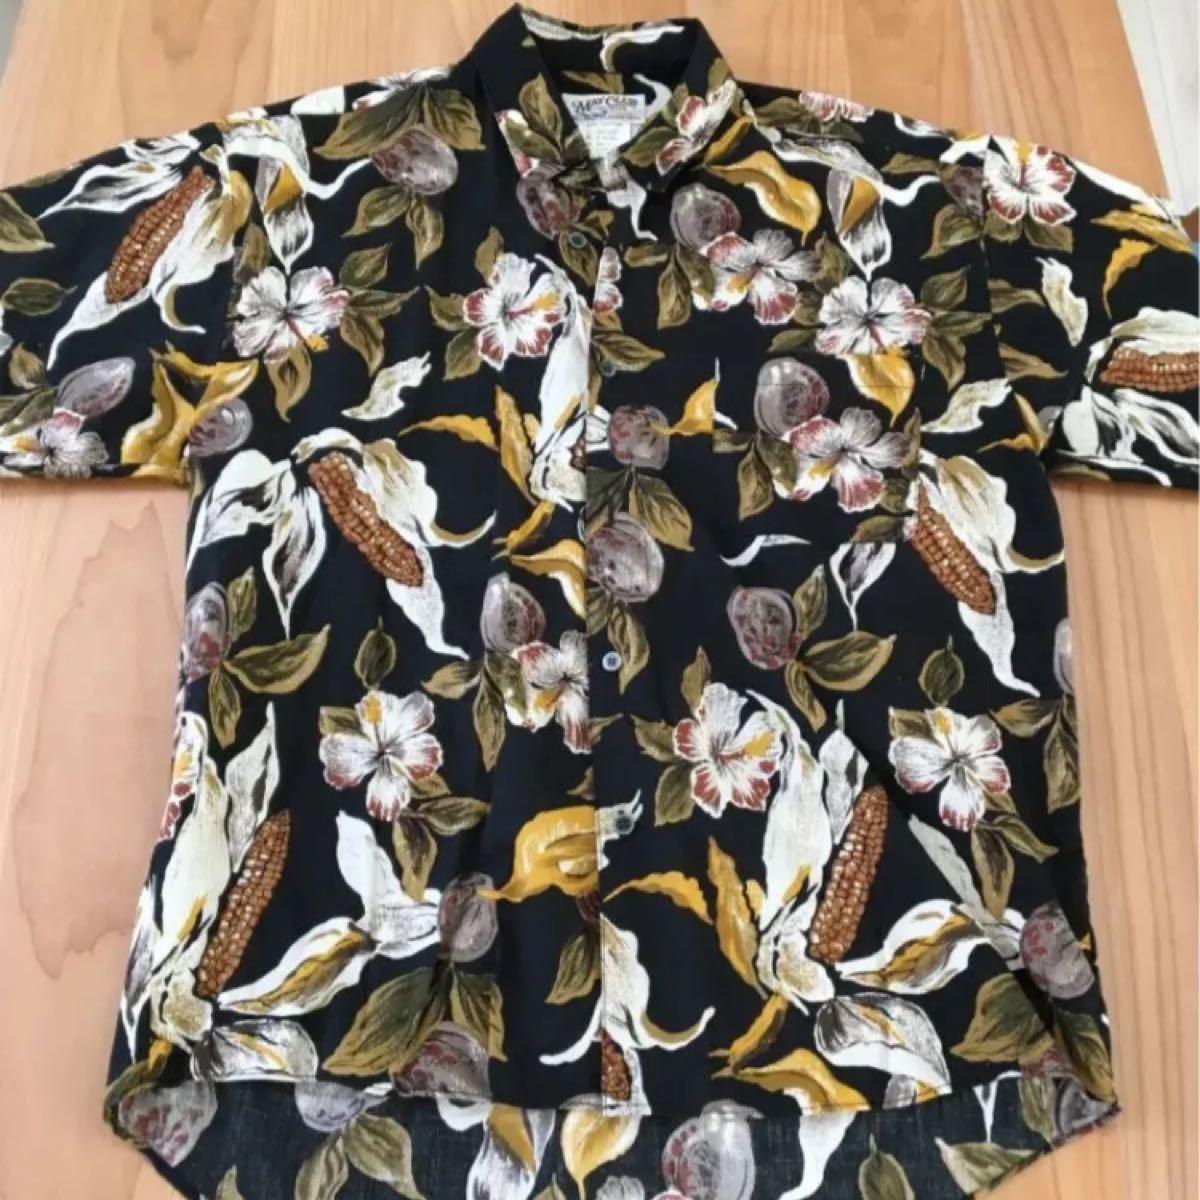 メンズ 黒 アロハシャツ 半袖シャツ 柄 ハワイアンシャツ 花柄